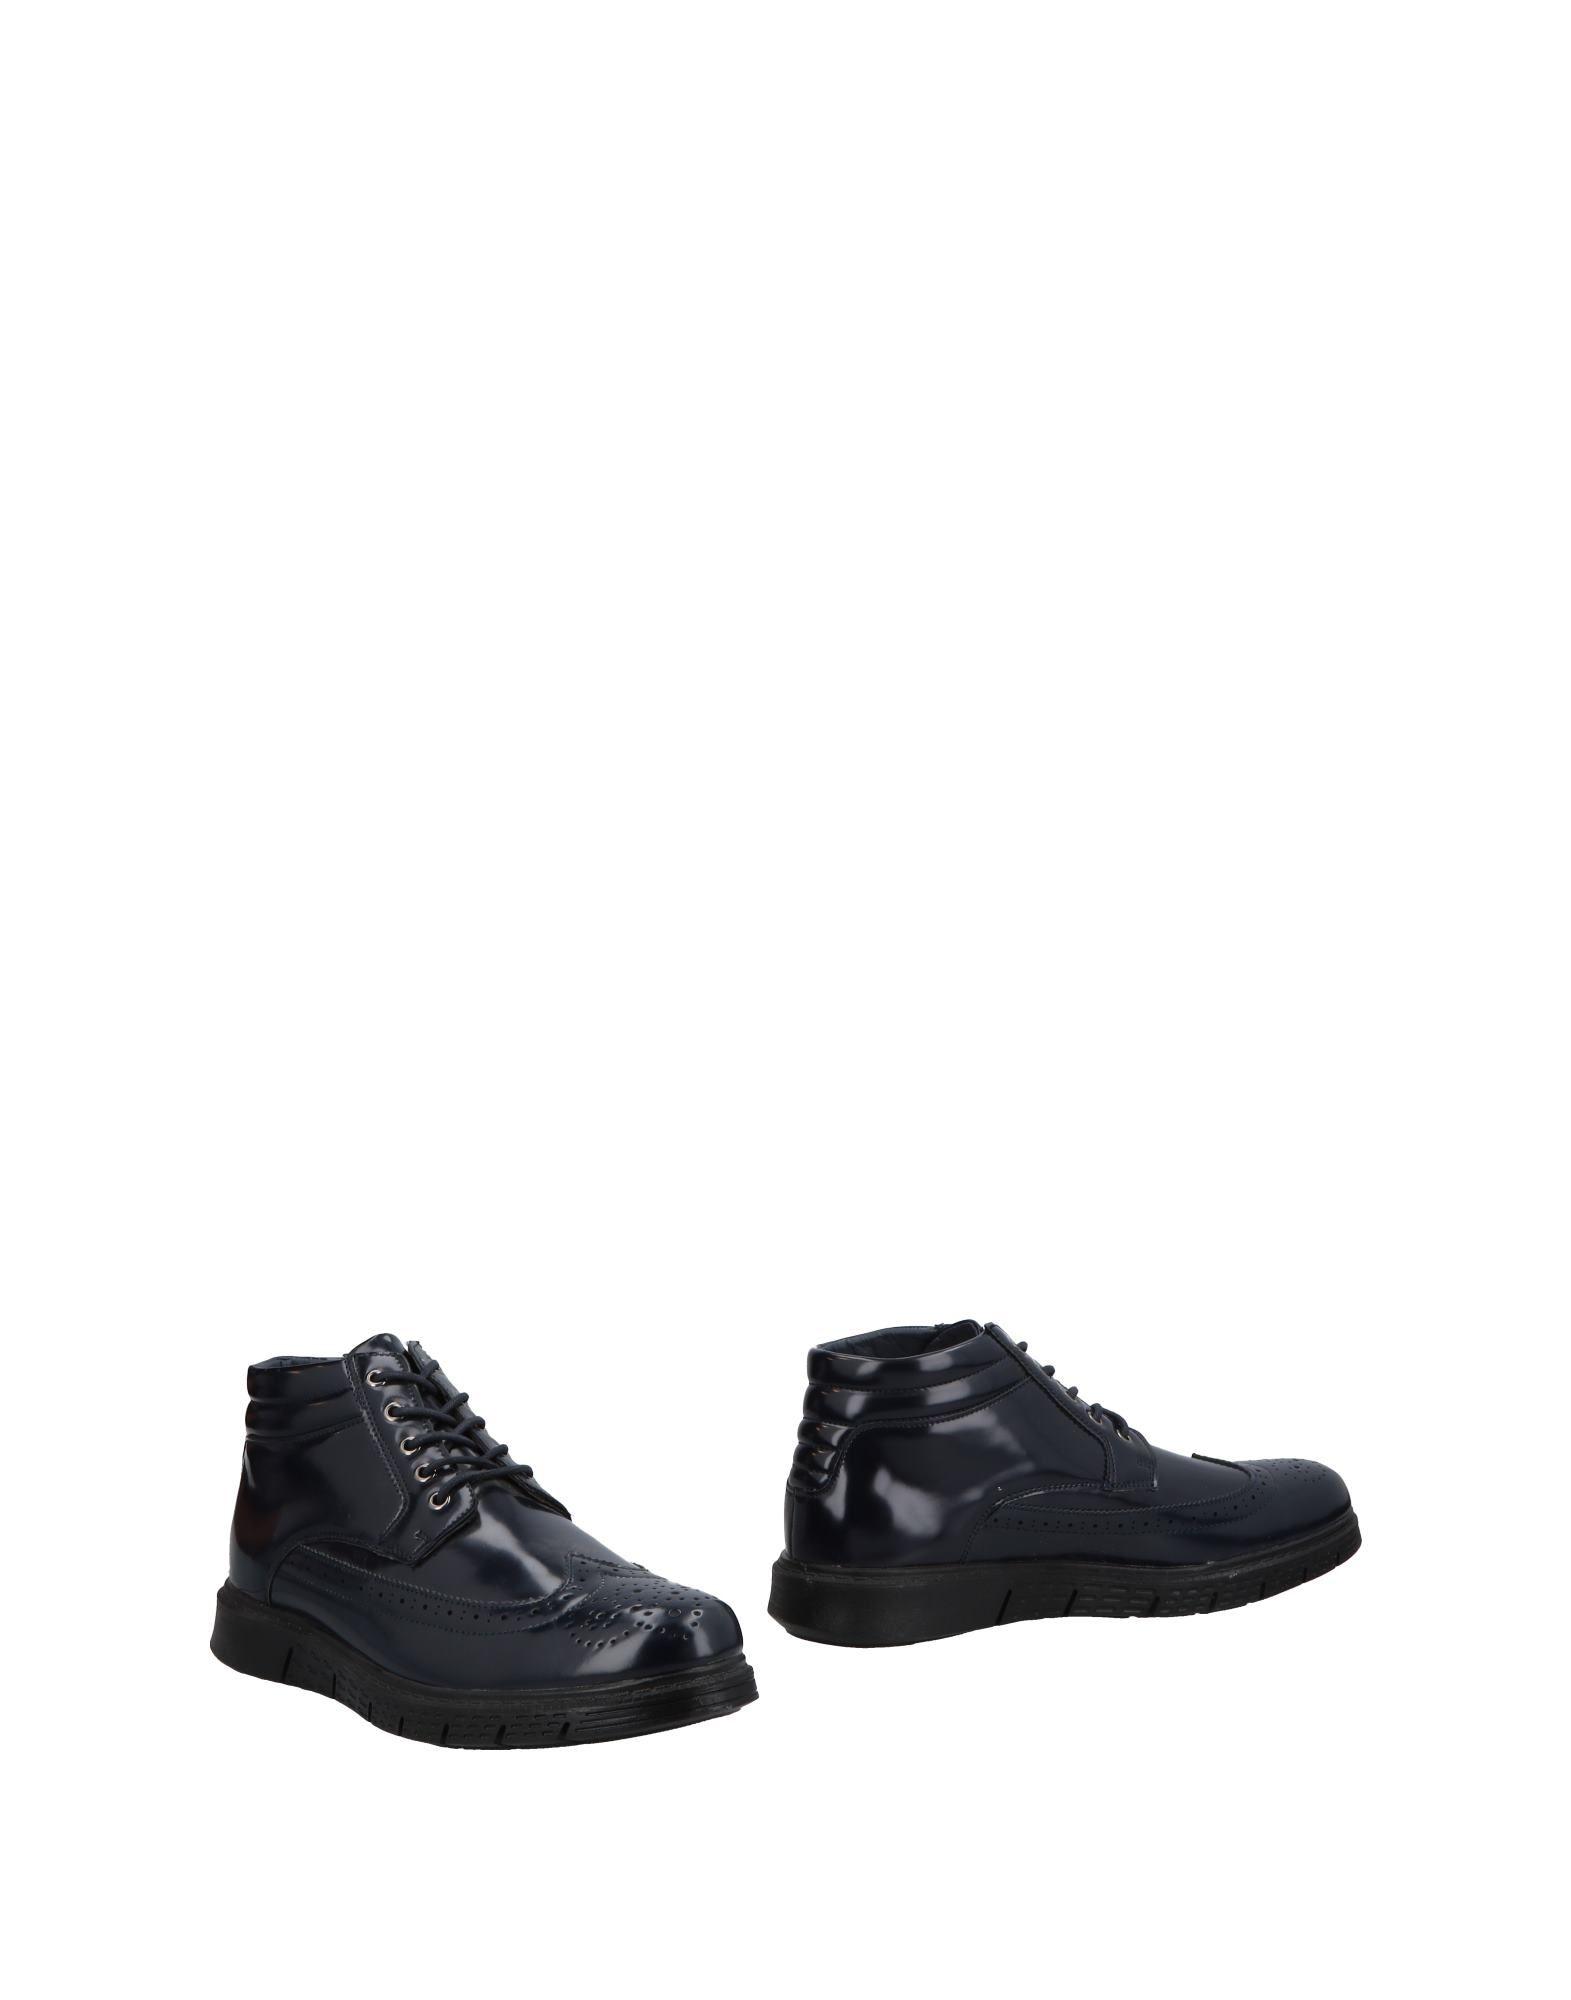 Rabatt echte  Schuhe Montefiori Stiefelette Herren  echte 11488477FH da507e